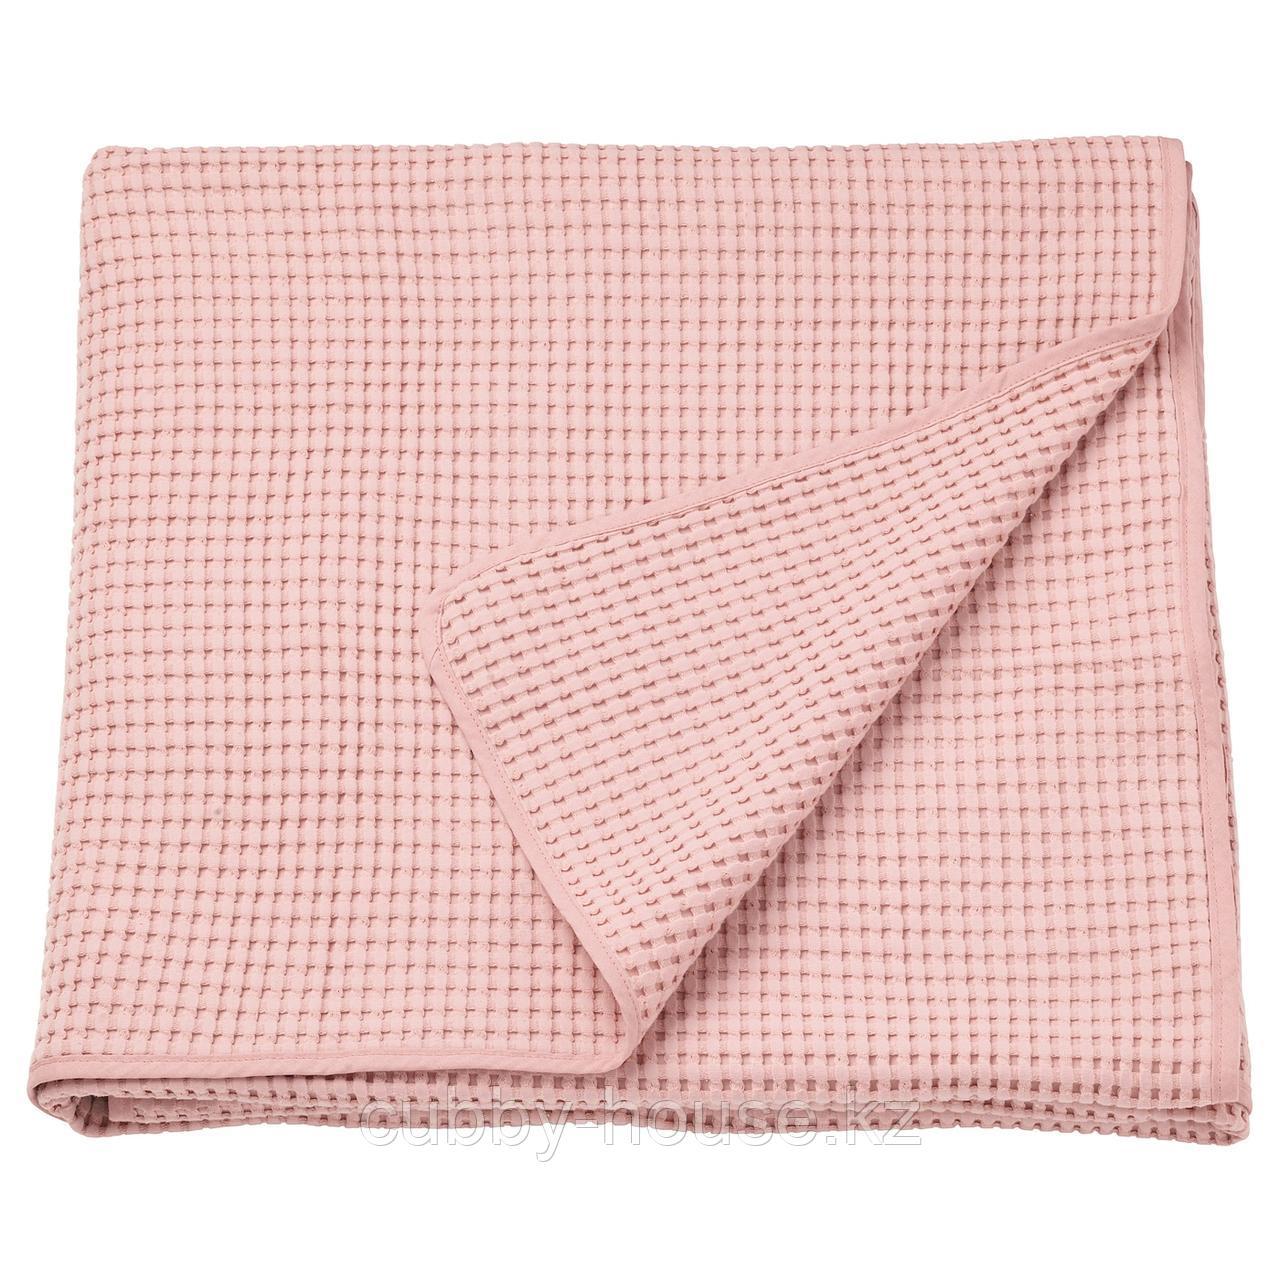 ВОРЕЛЬД Покрывало, светло-розовый, 230x250 см